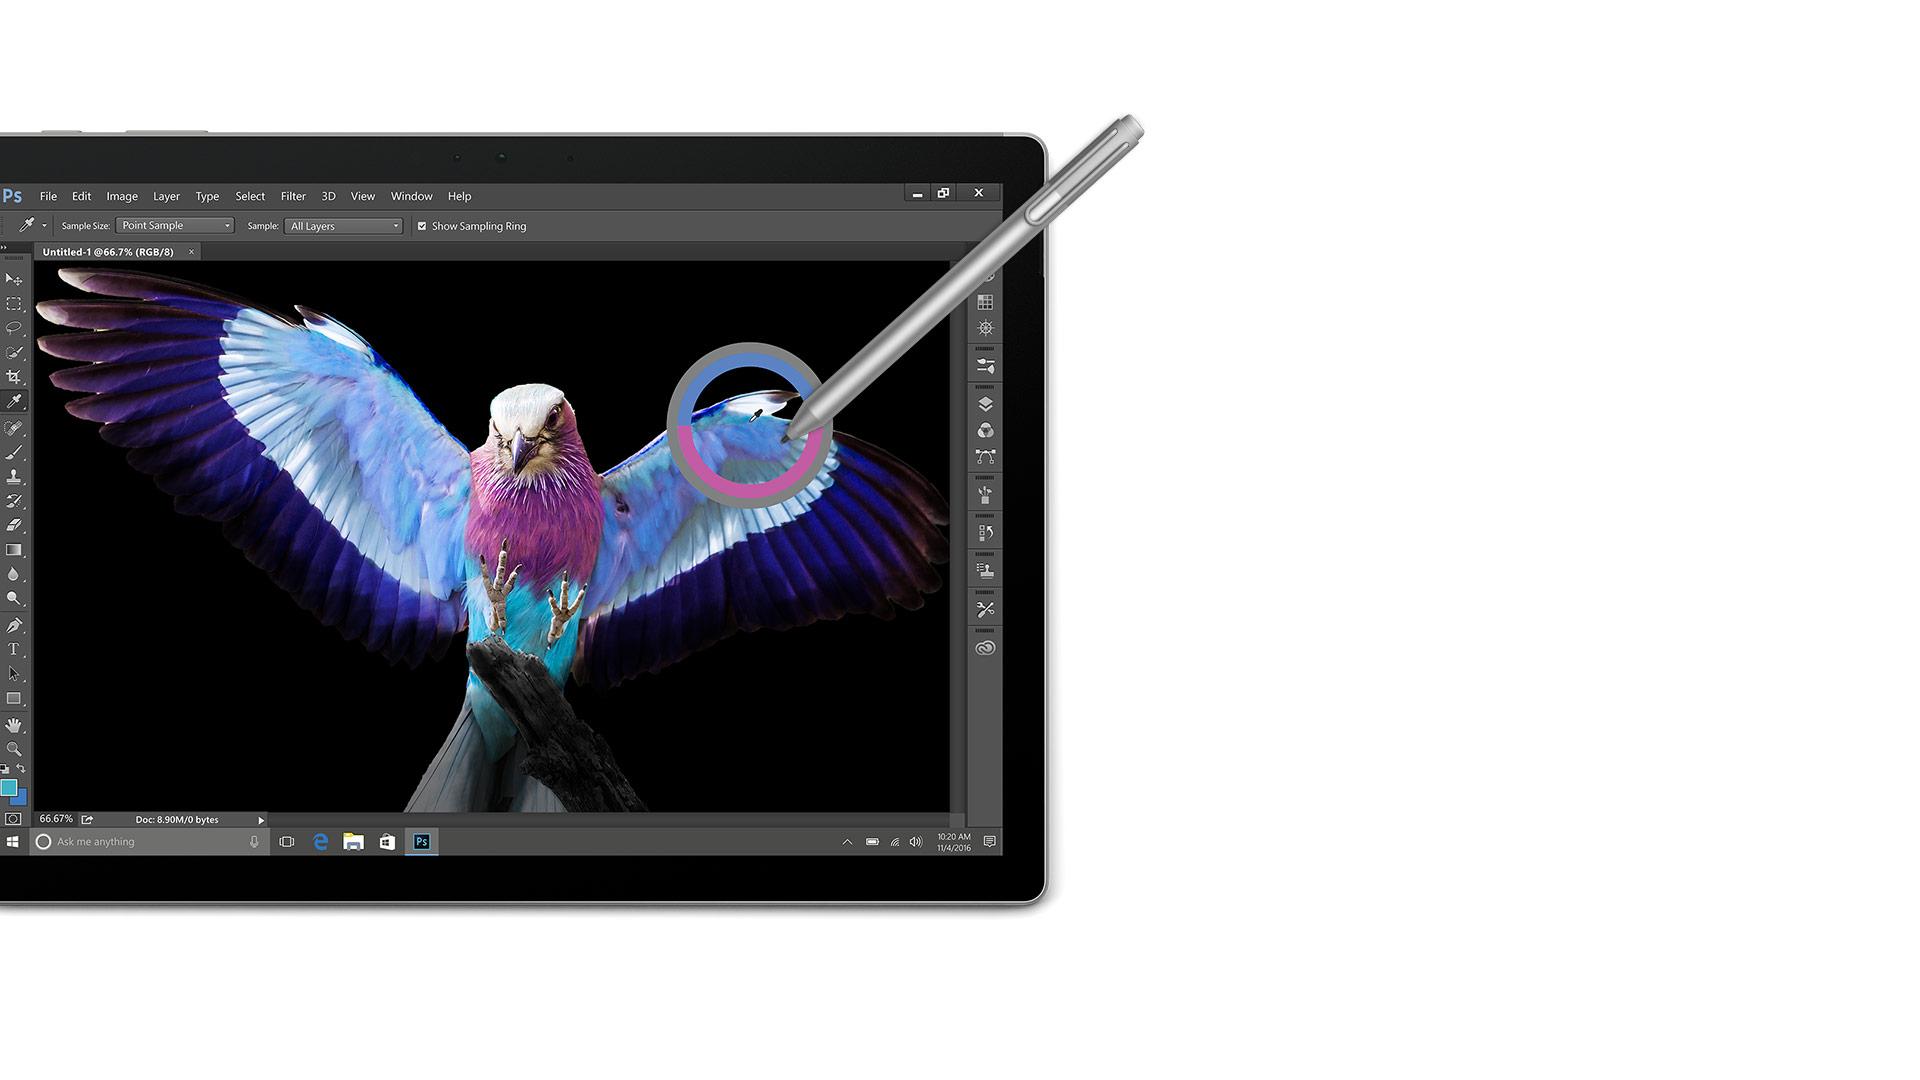 Surface Book visas med pennan som nuddar skärmen och en färgväljare visas på skärmen